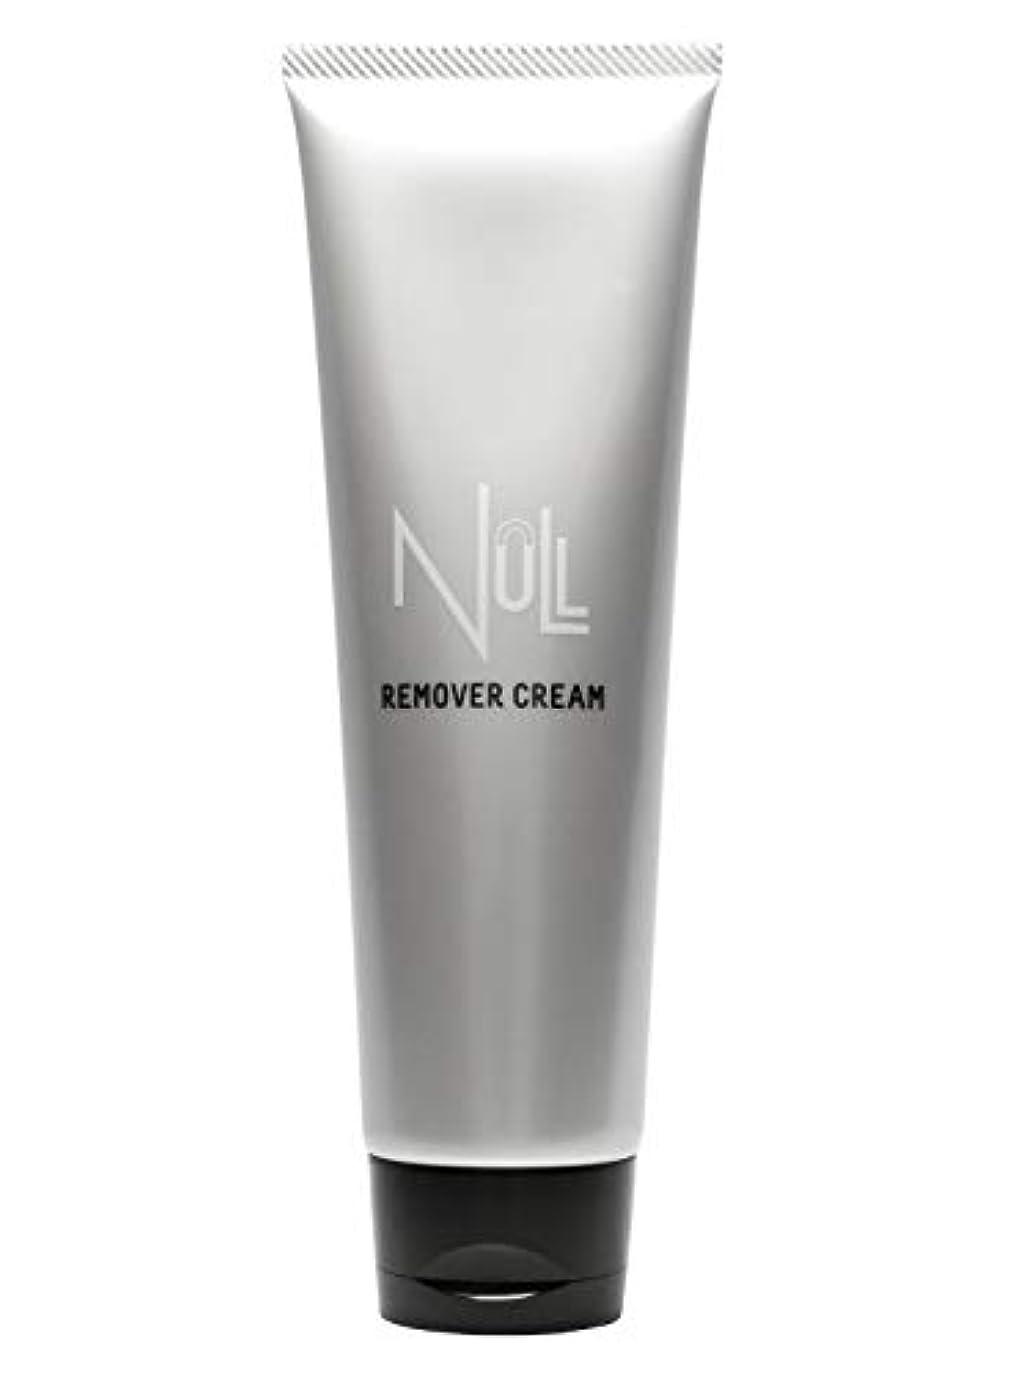 曲刈る電圧NULL 薬用リムーバークリーム 除毛クリーム メンズ 200g [ 陰部 / アンダーヘア / Vライン / ボディ用 ]